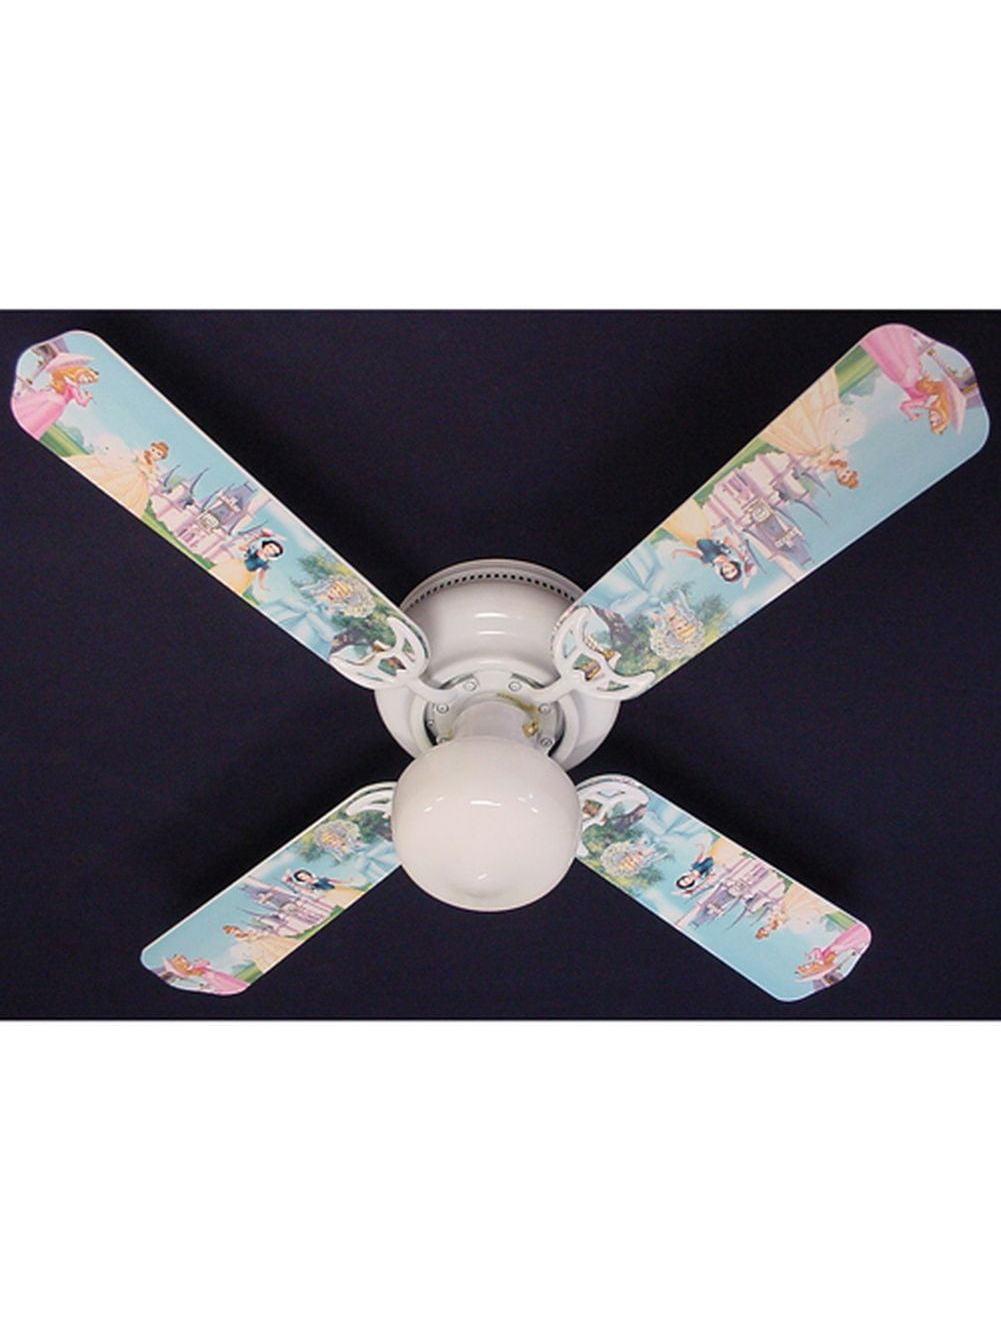 Disney S Princess Castle Print Blades 42in Ceiling Fan